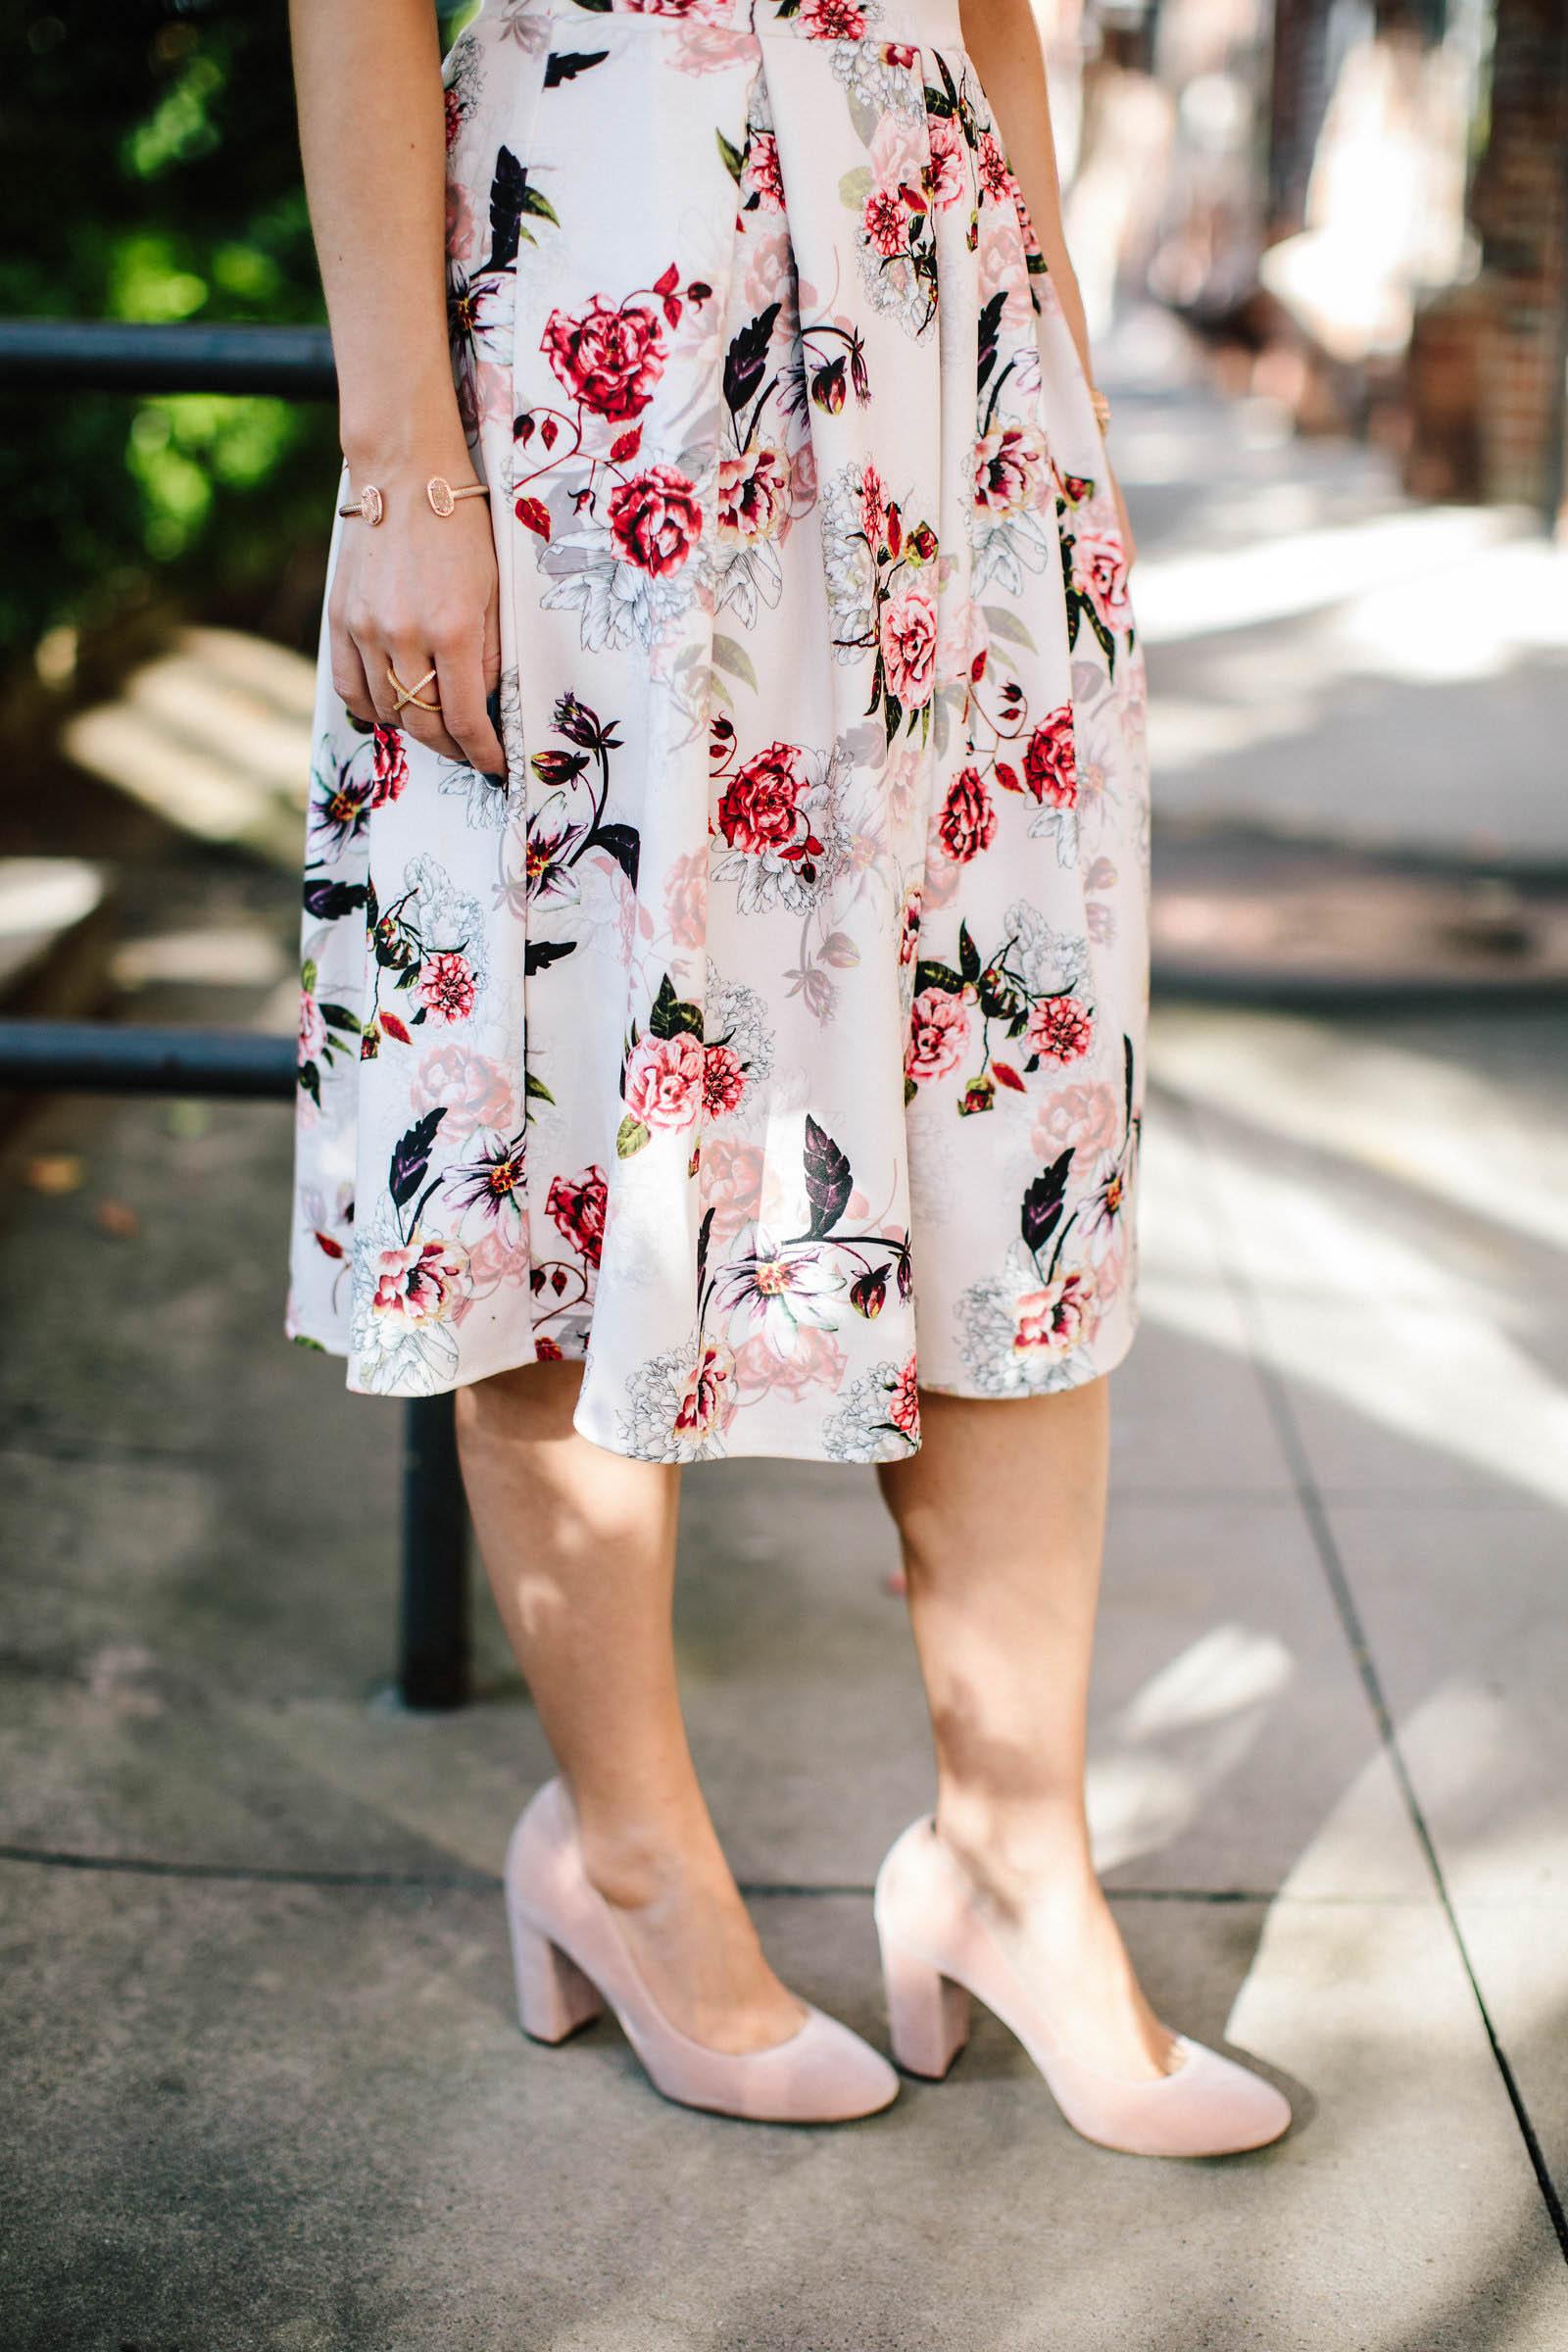 blush velvet heels, pink floral skirt